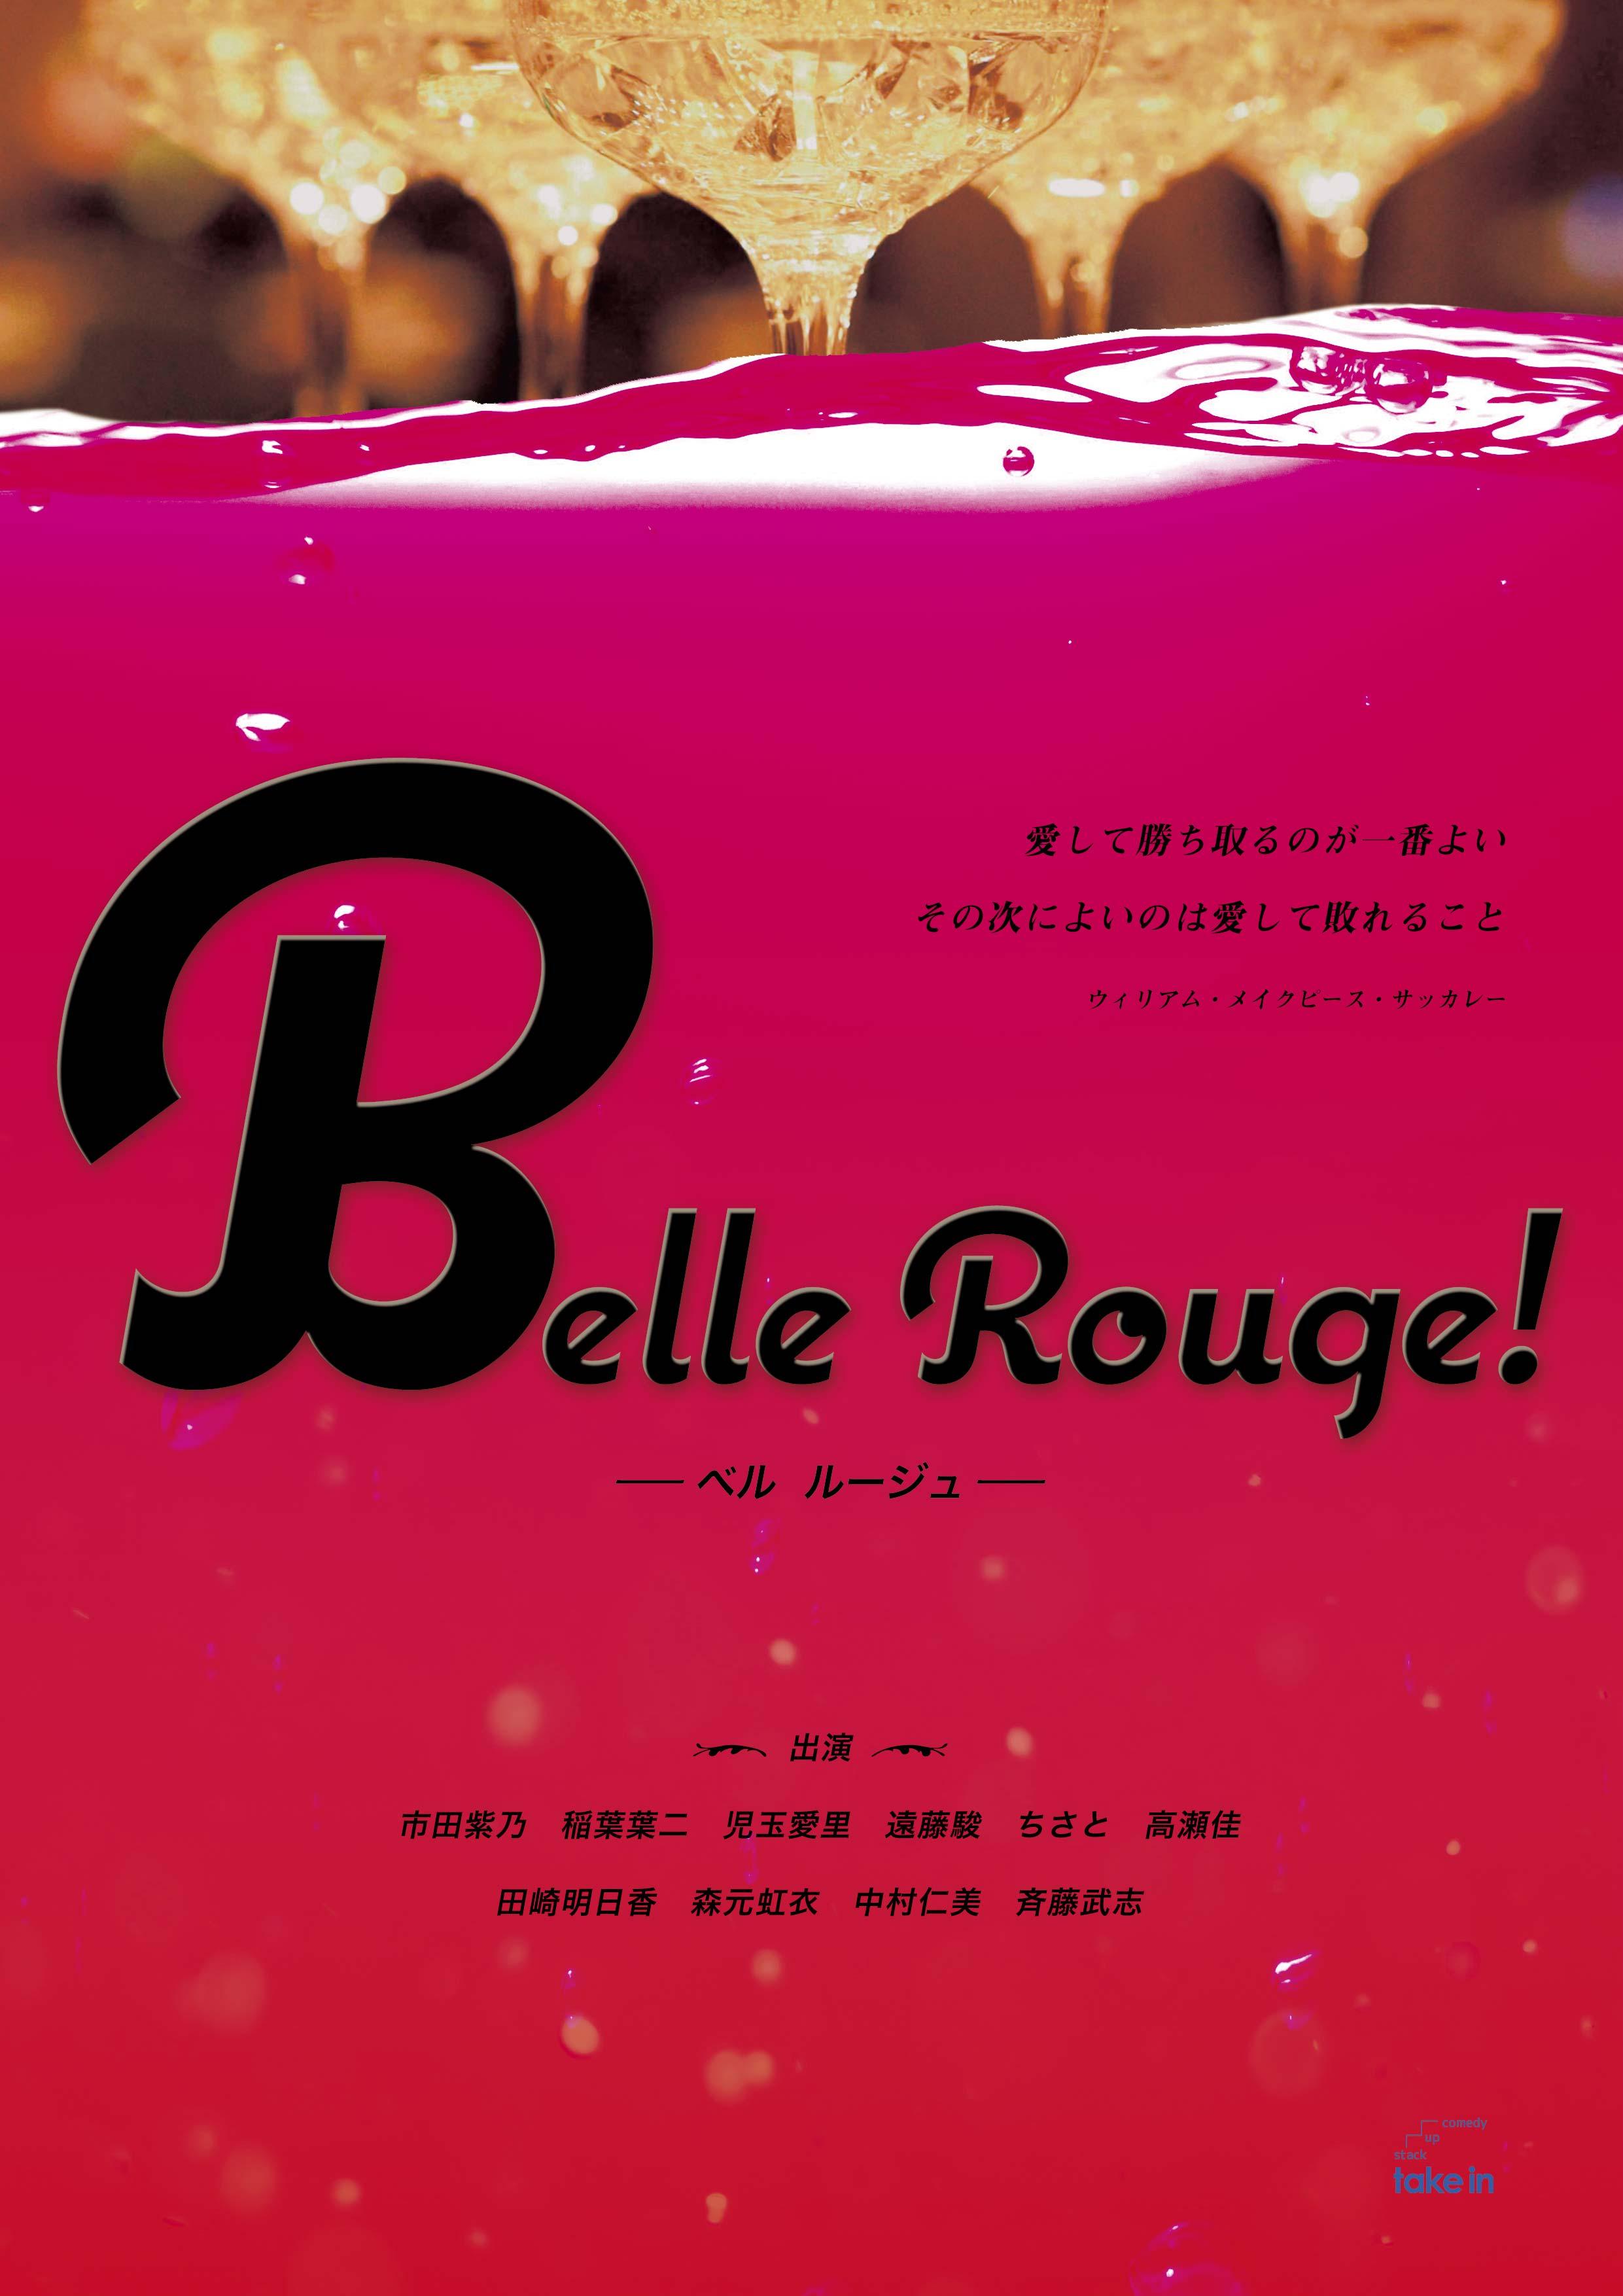 オーディション 「Belle rouge!-0-」出演者オーディション 躍動感あふれ活力みなぎる会話劇に出演 主催:take in、カテゴリ:舞台